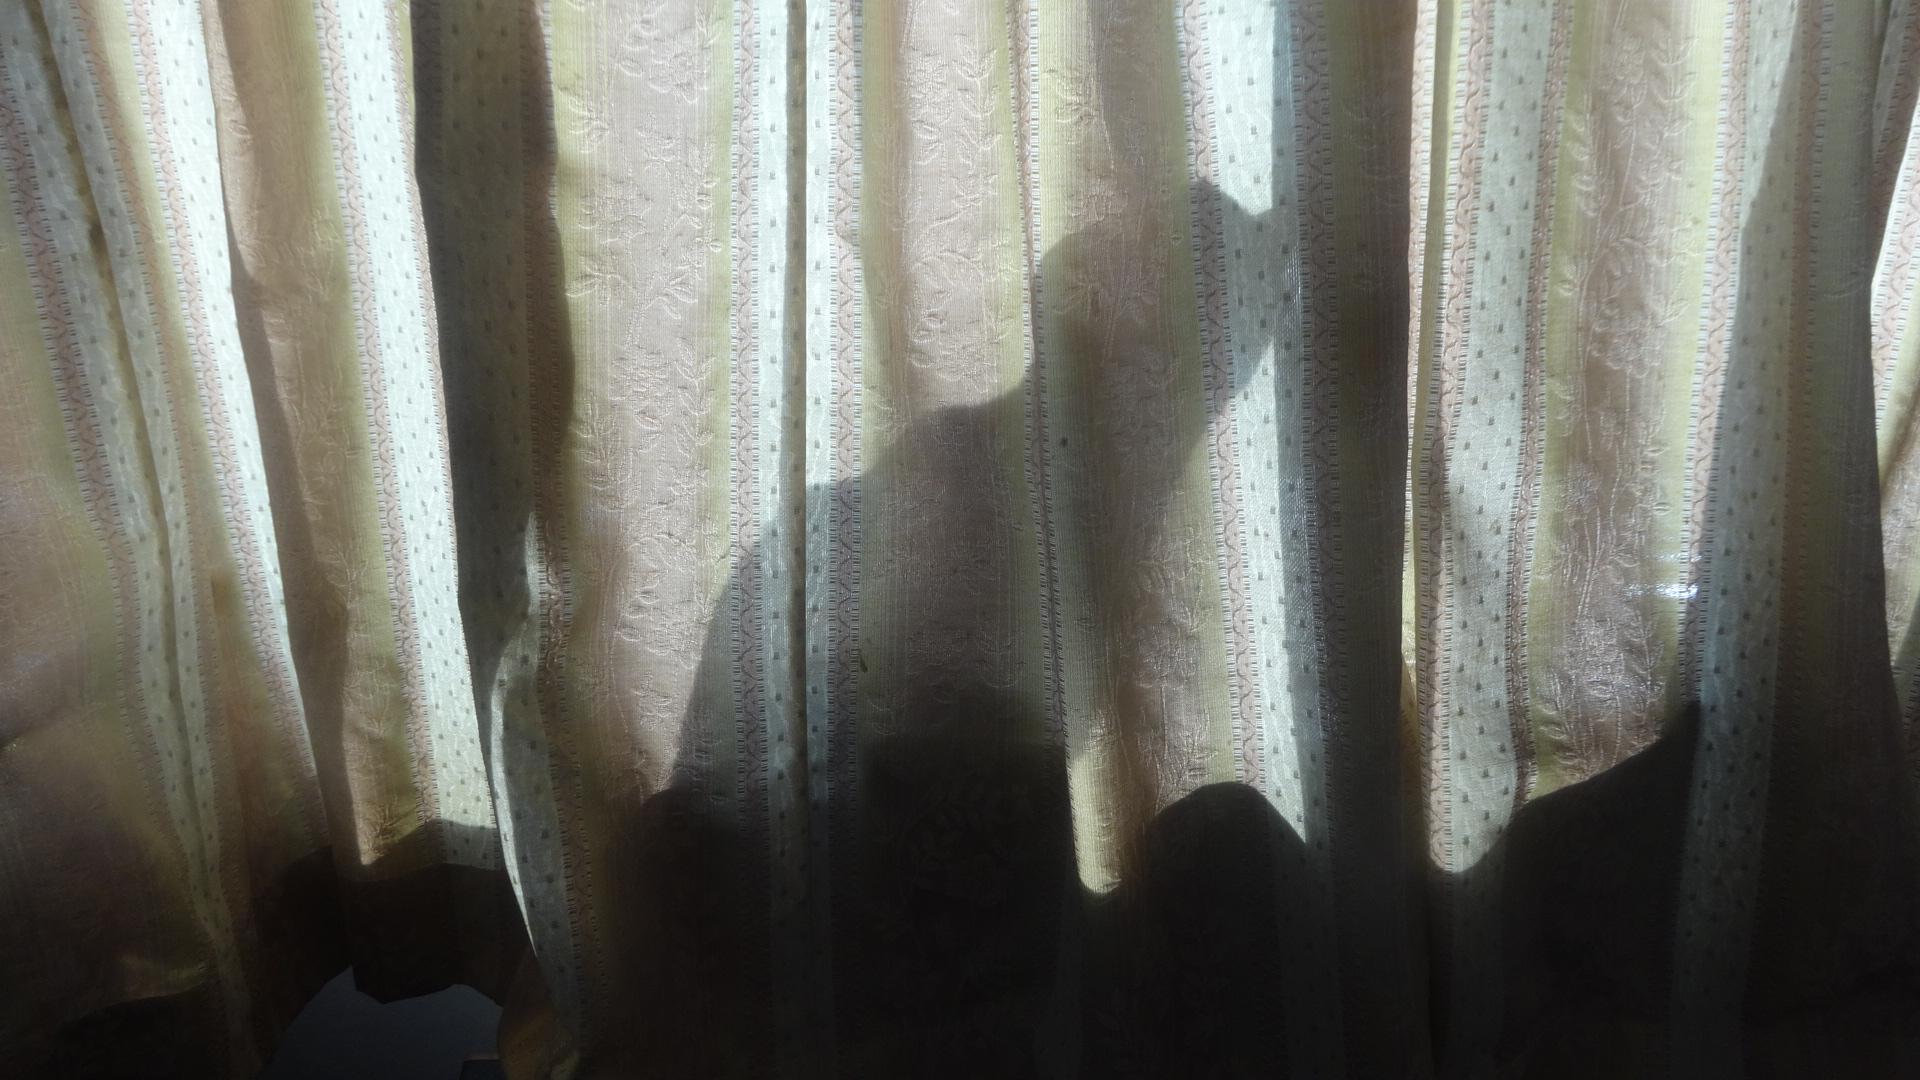 そこに日射しが差し込んでできたシルエット